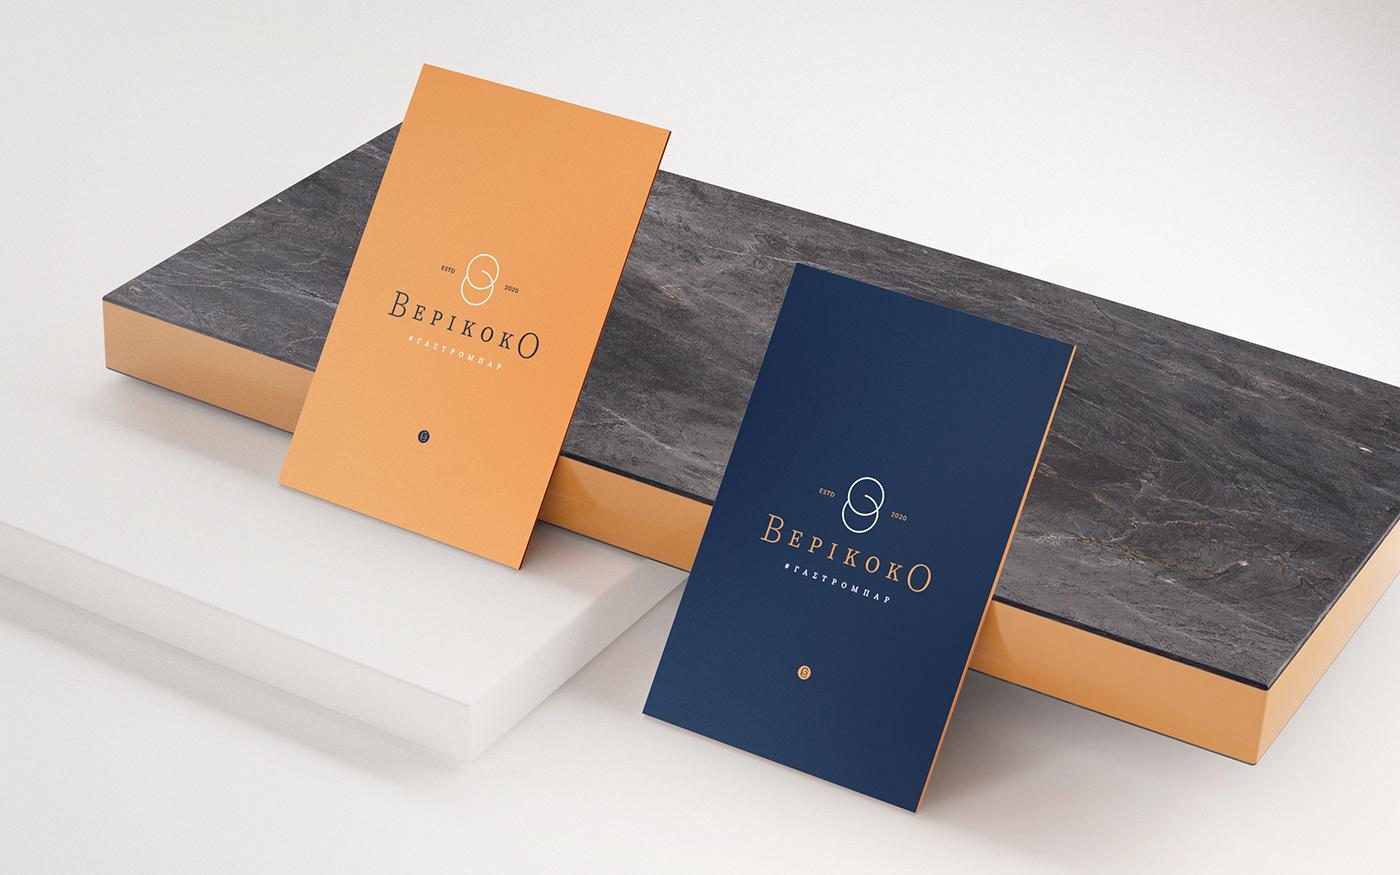 Image may contain: box and card